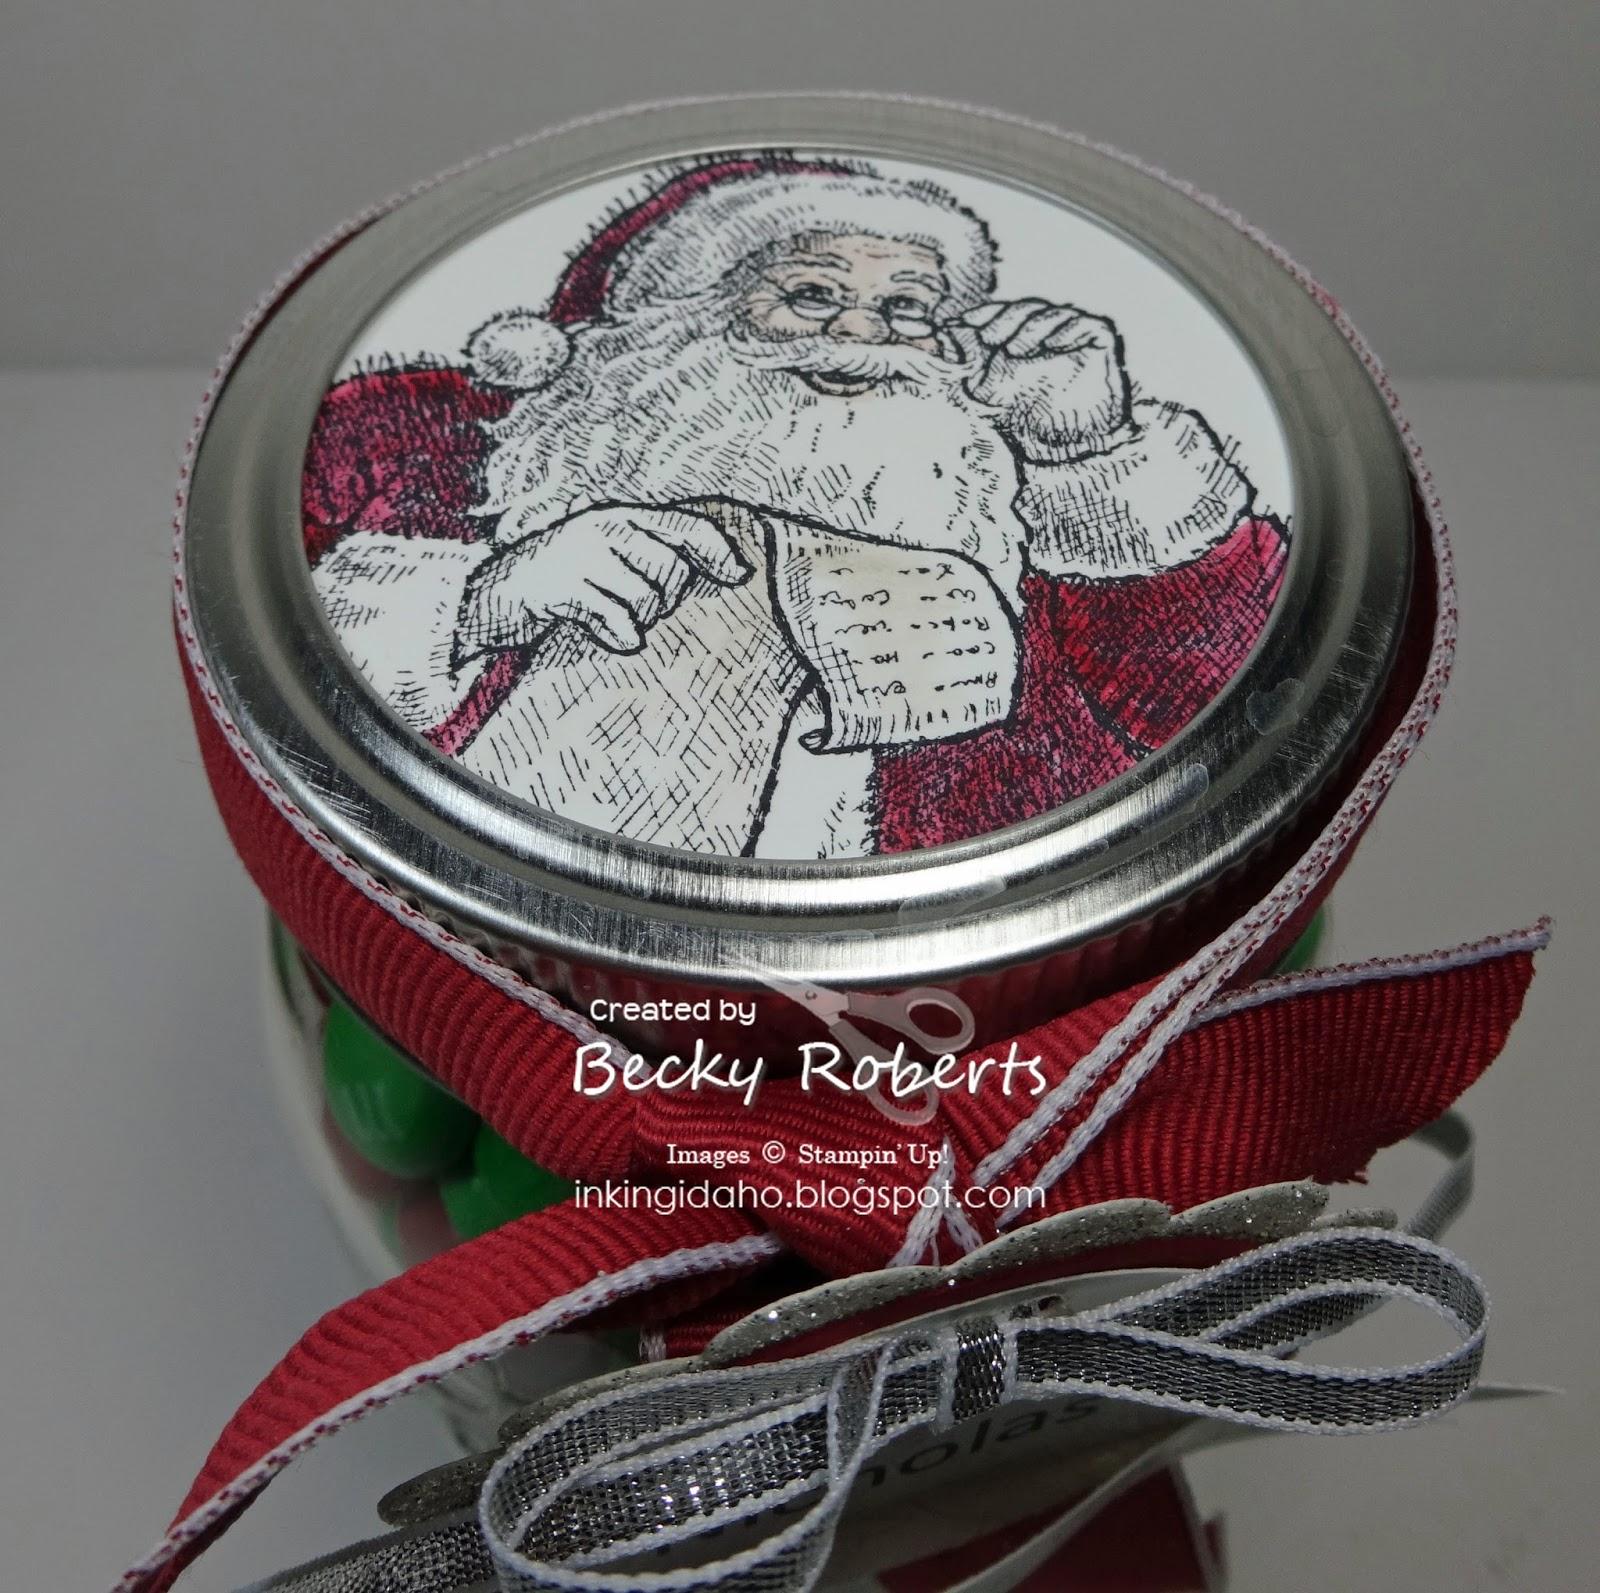 Inking Idaho: Mason Jar Money From Santa